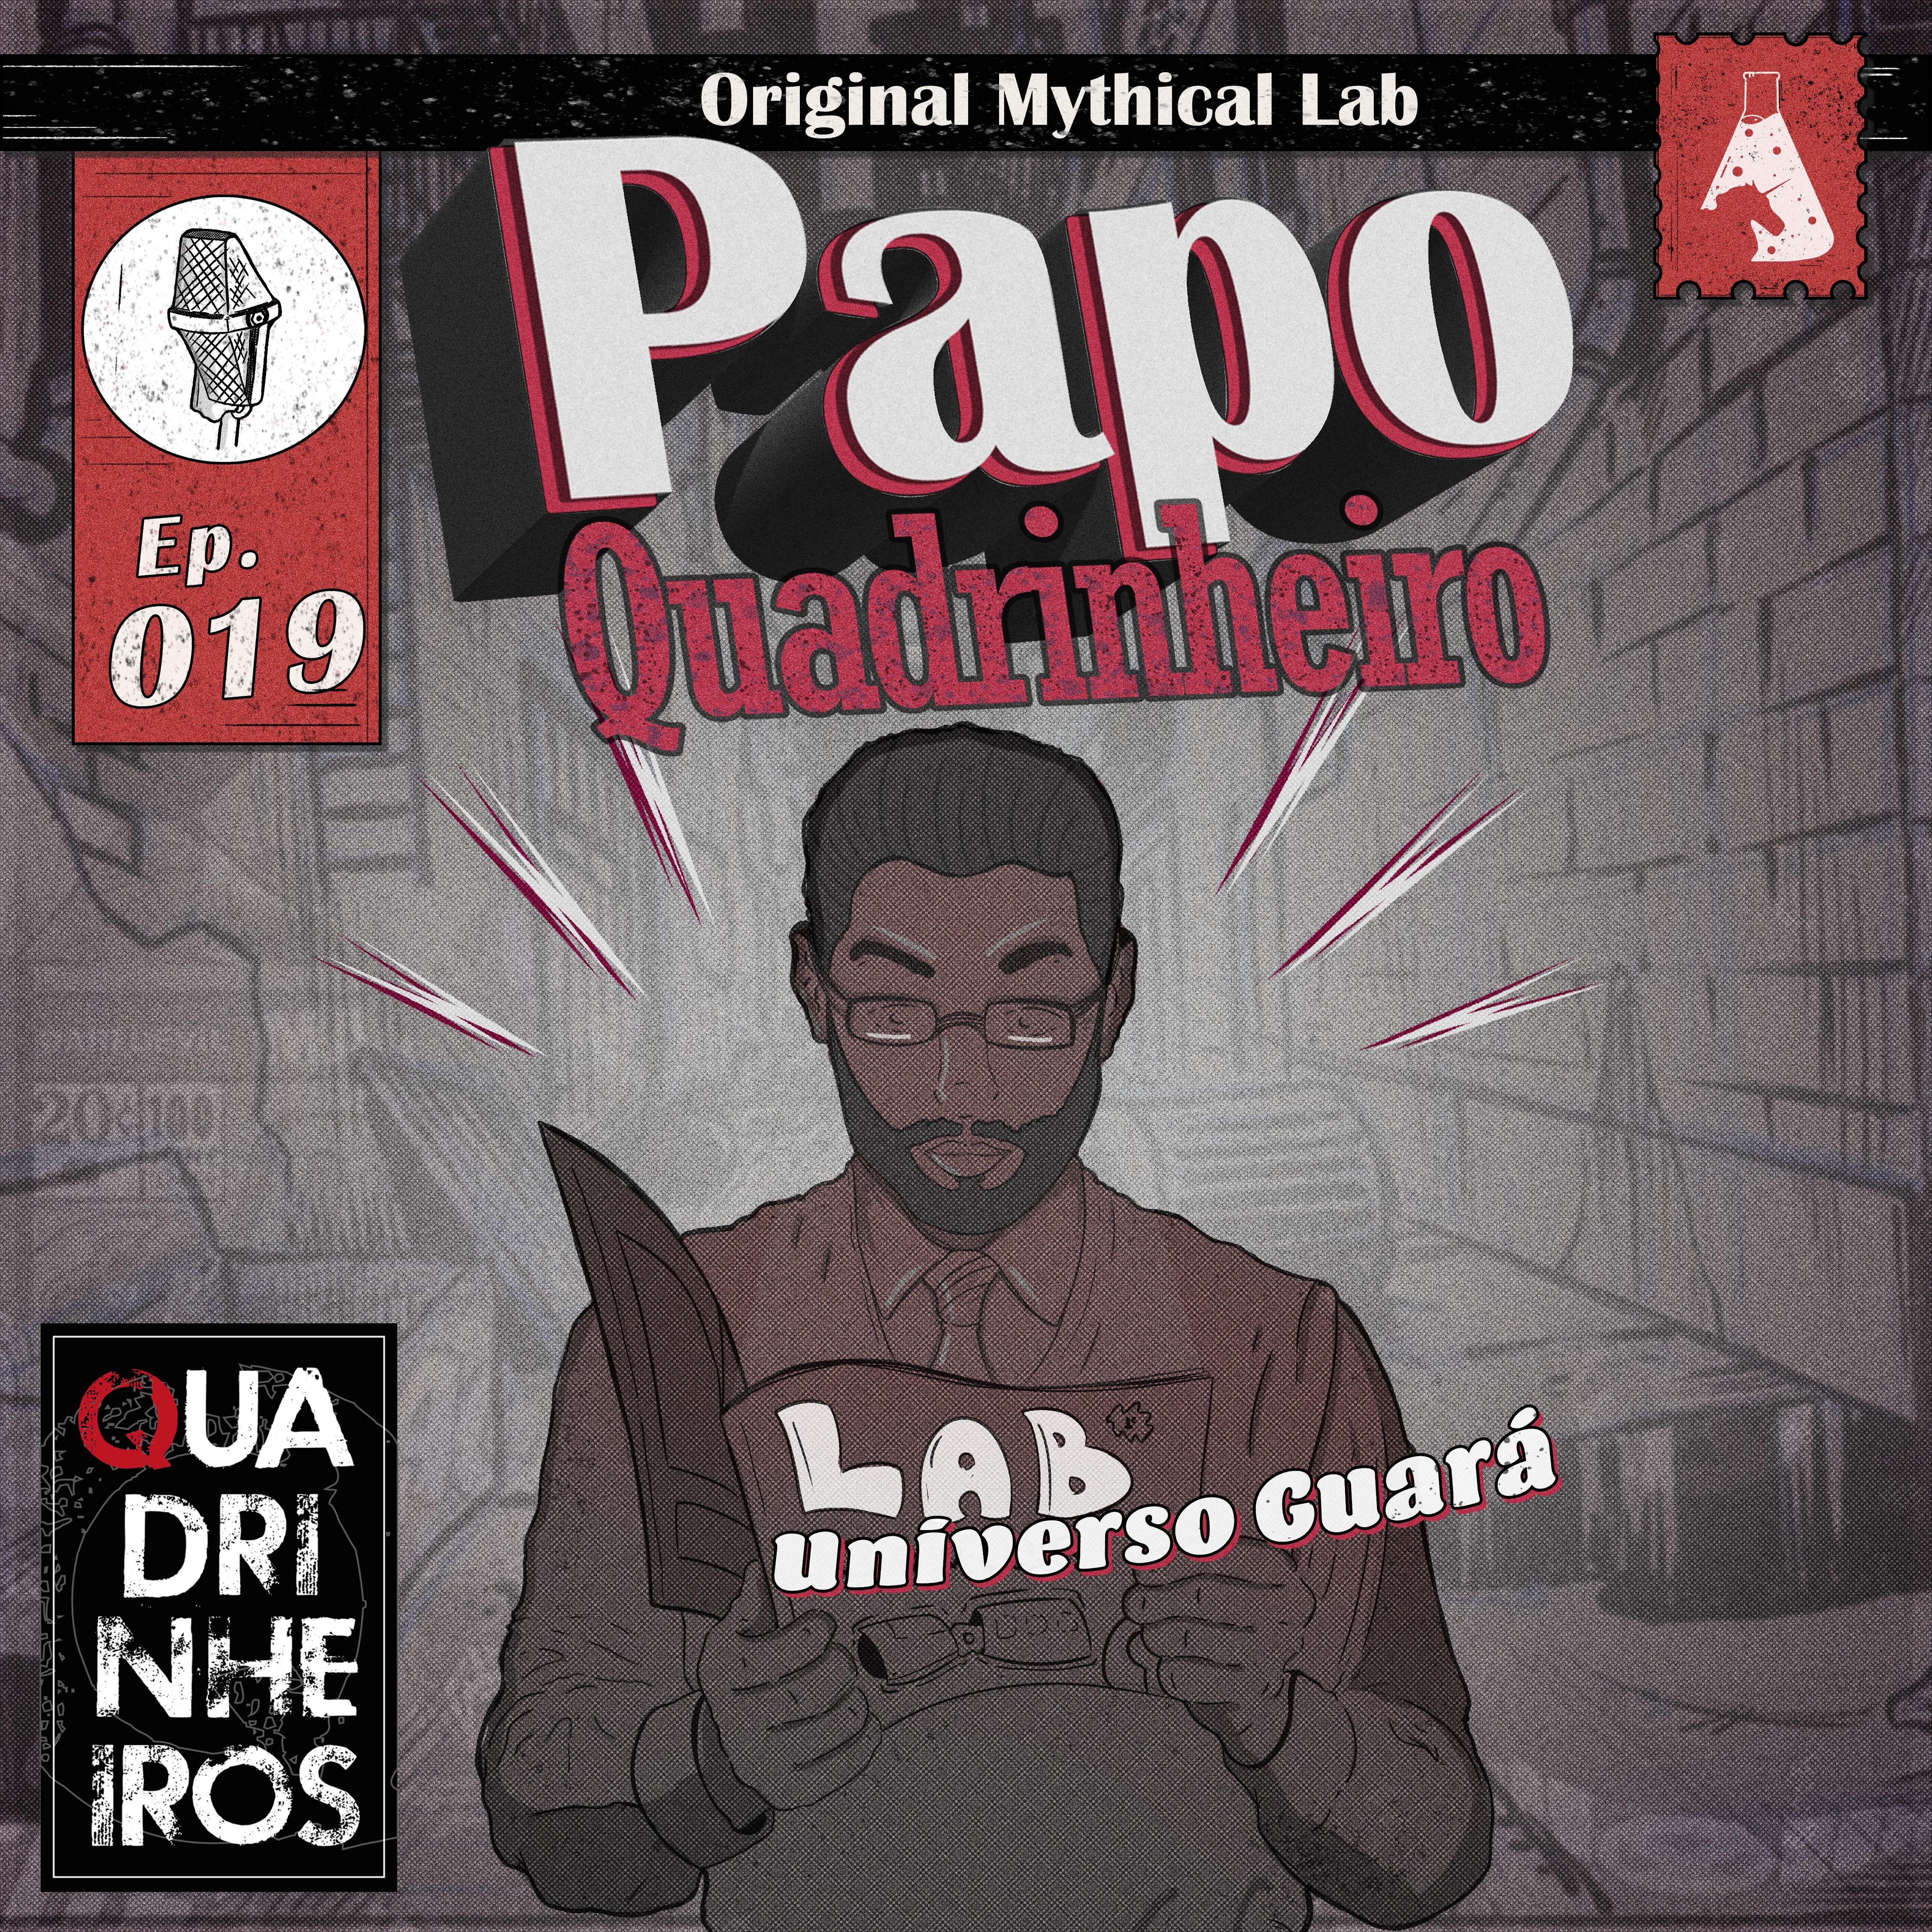 Universo Guará papo quadrinheiro podcast